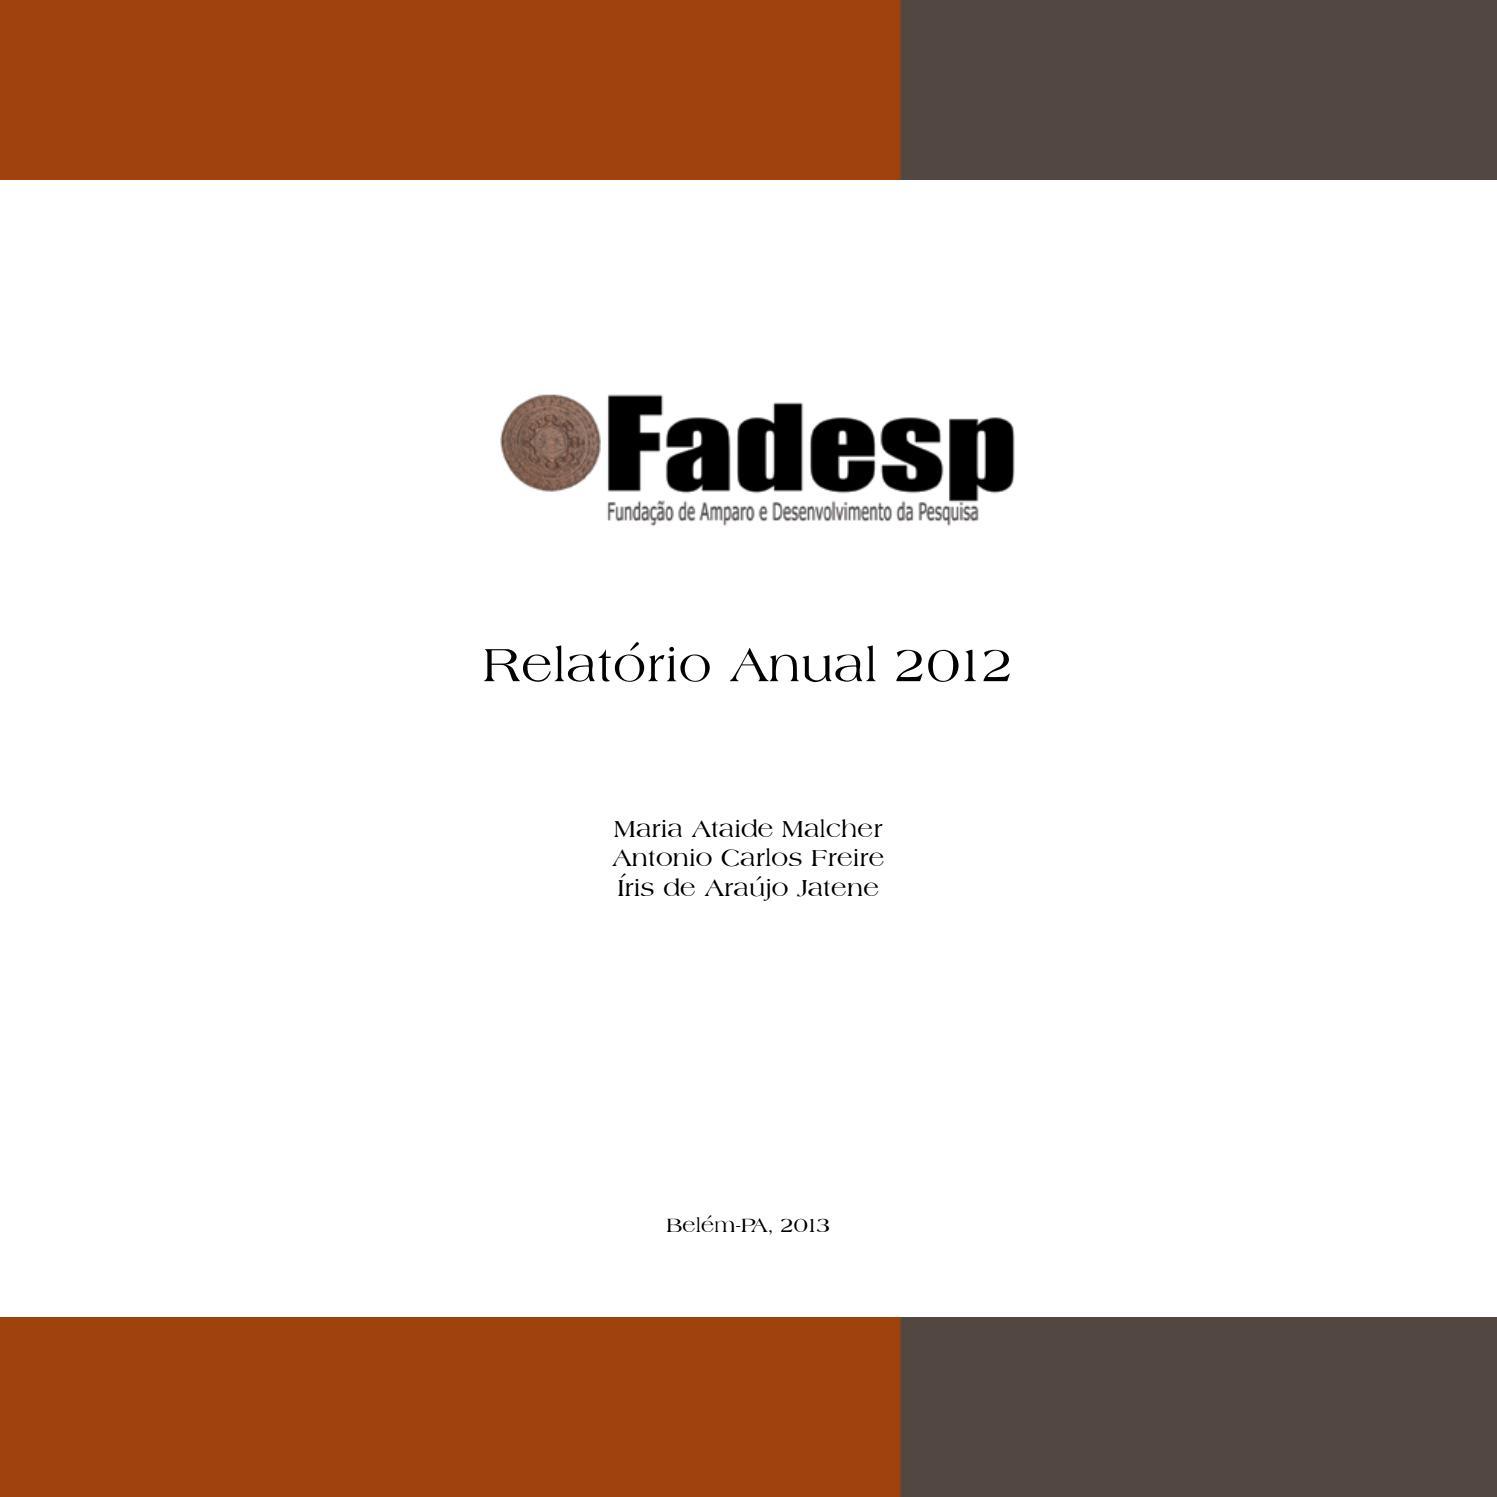 Relatório Fadesp 2012 By Nobugtech Issuu